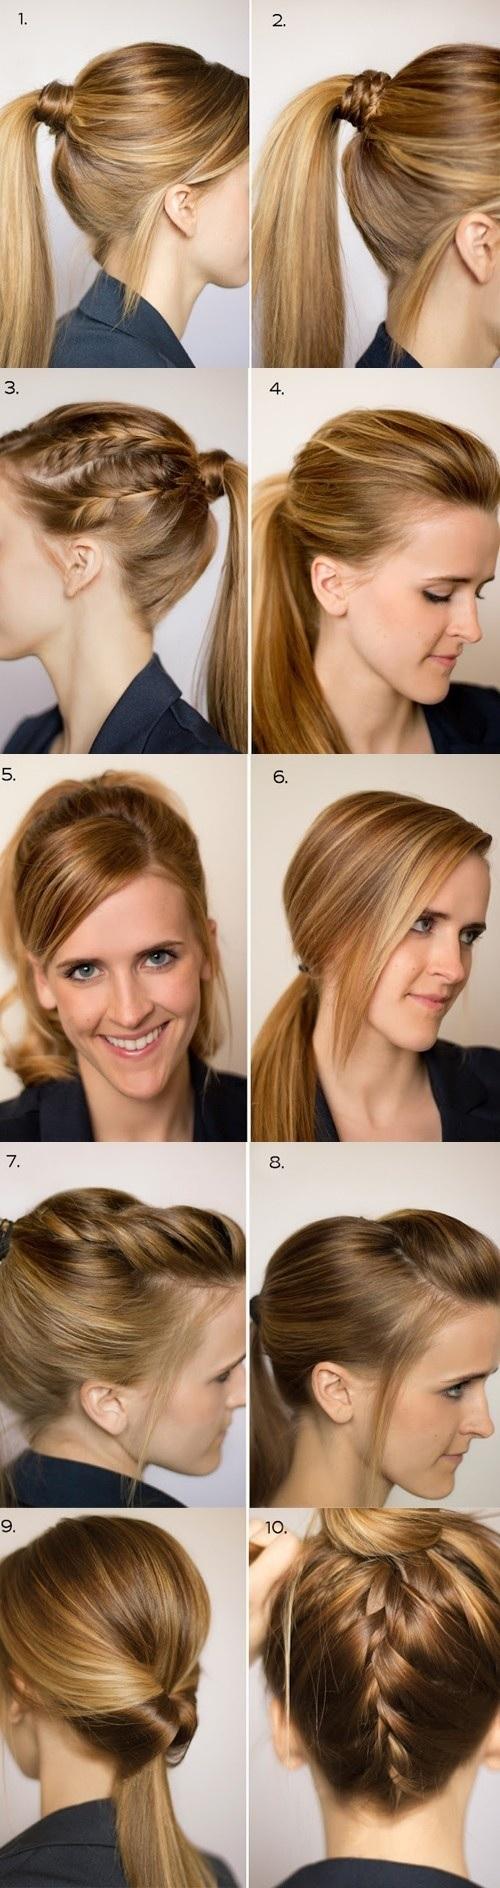 coiffure-facile-19